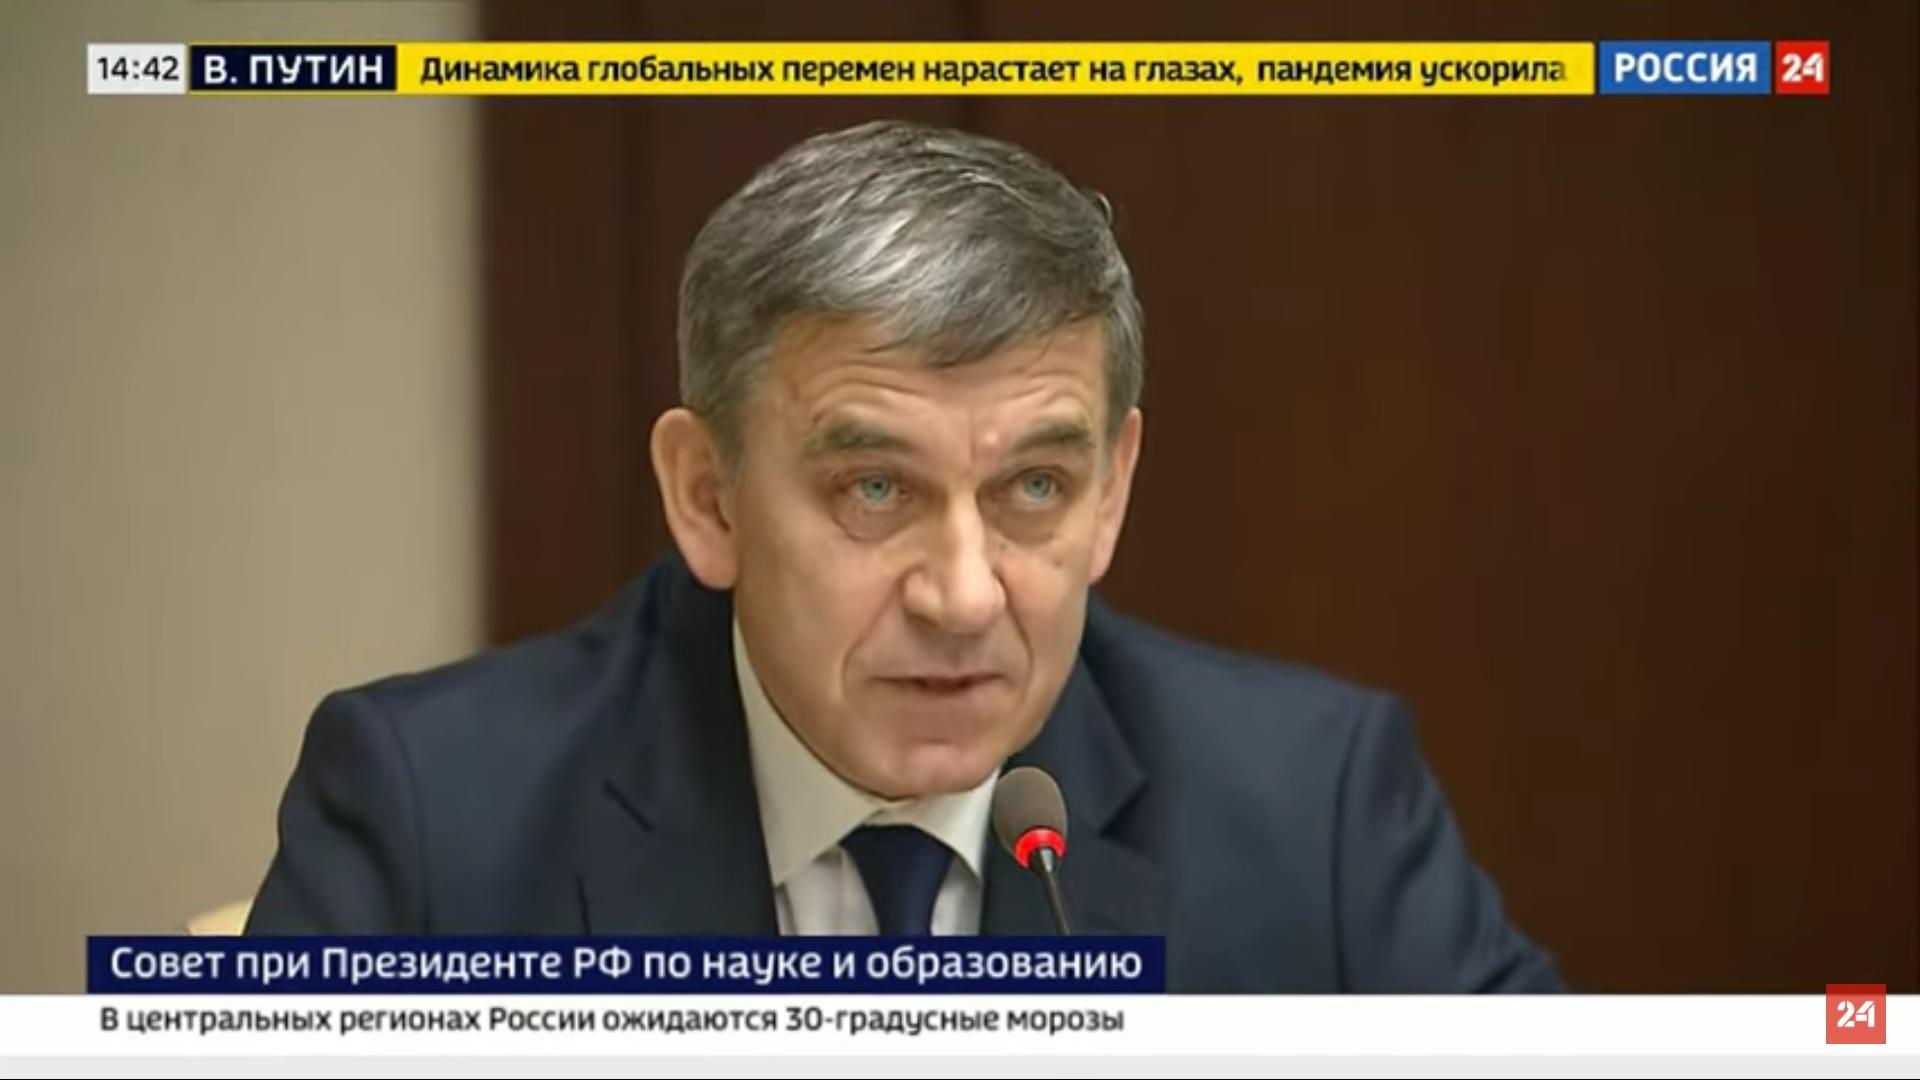 Yevgeny Khaidukov